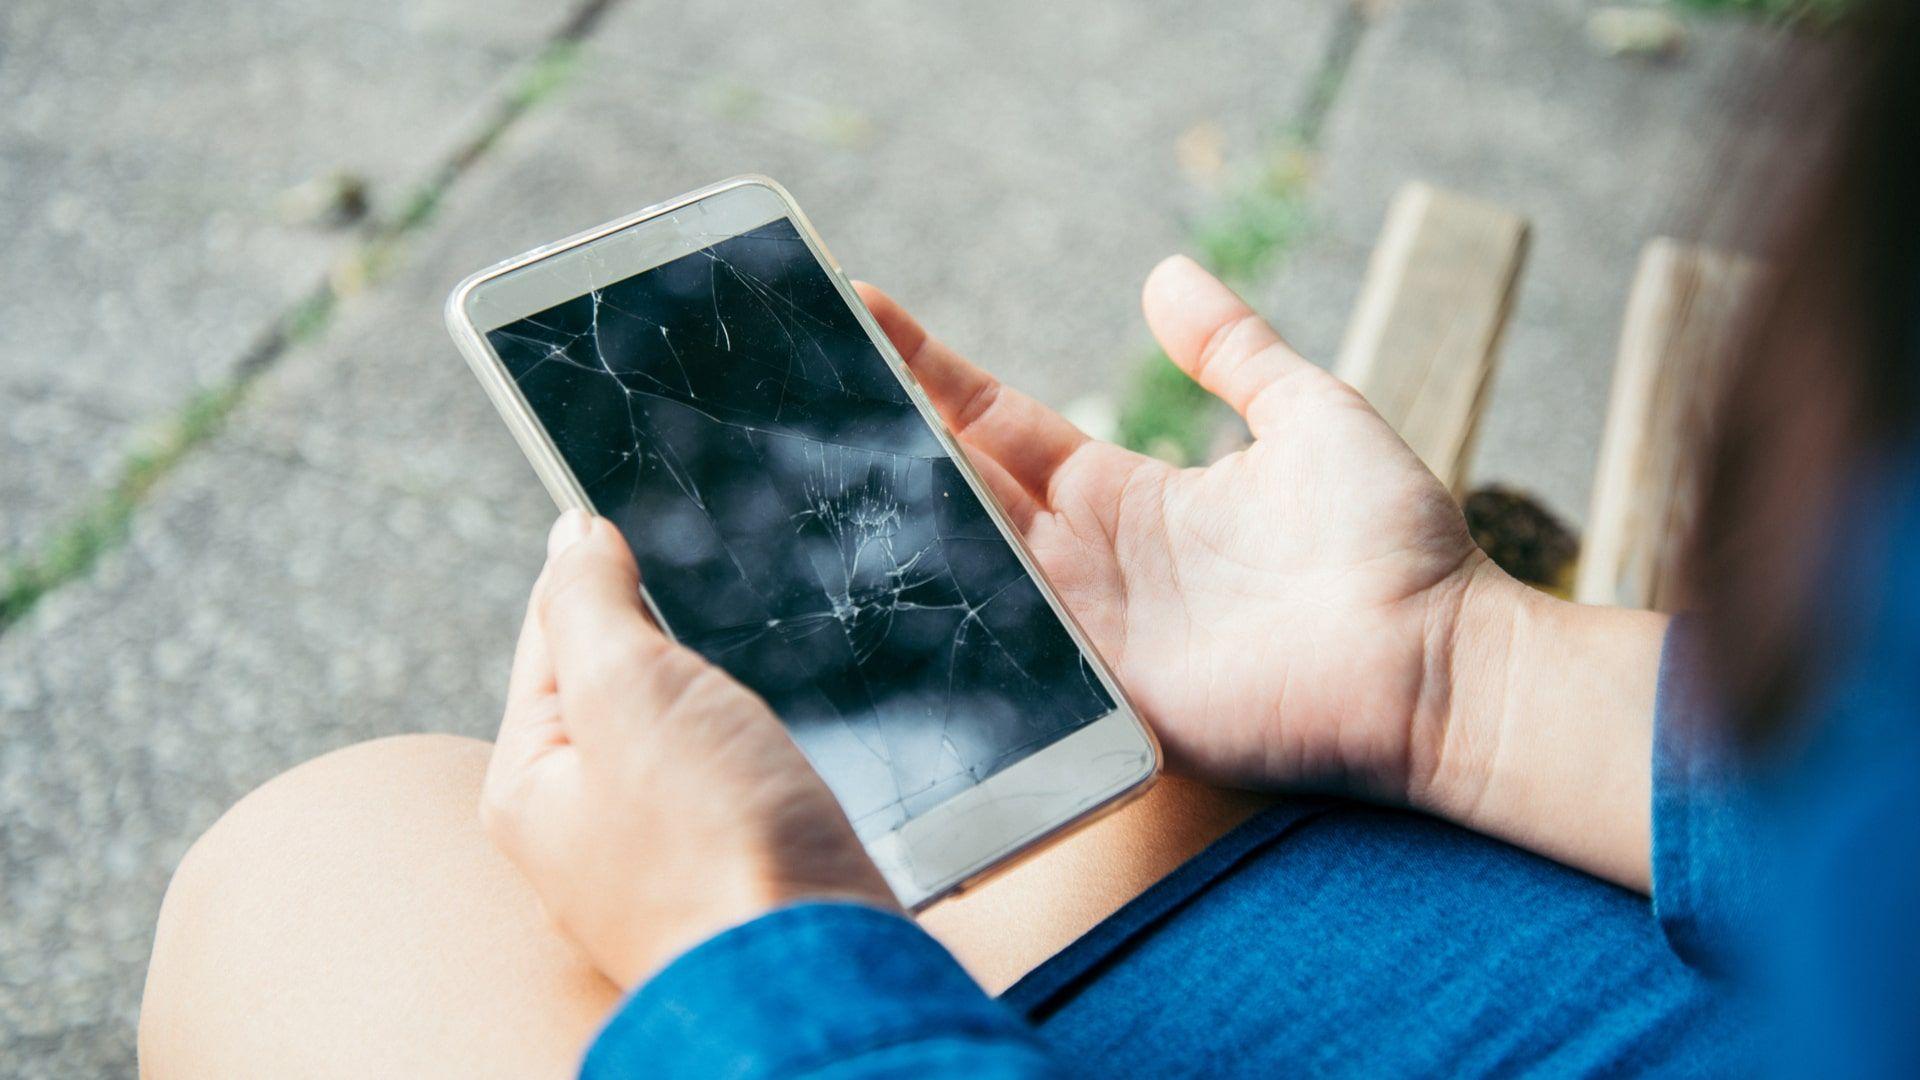 Celulares usados podem apresentar marcas de uso, como rachadura na tela (Foto: Shutterstock)